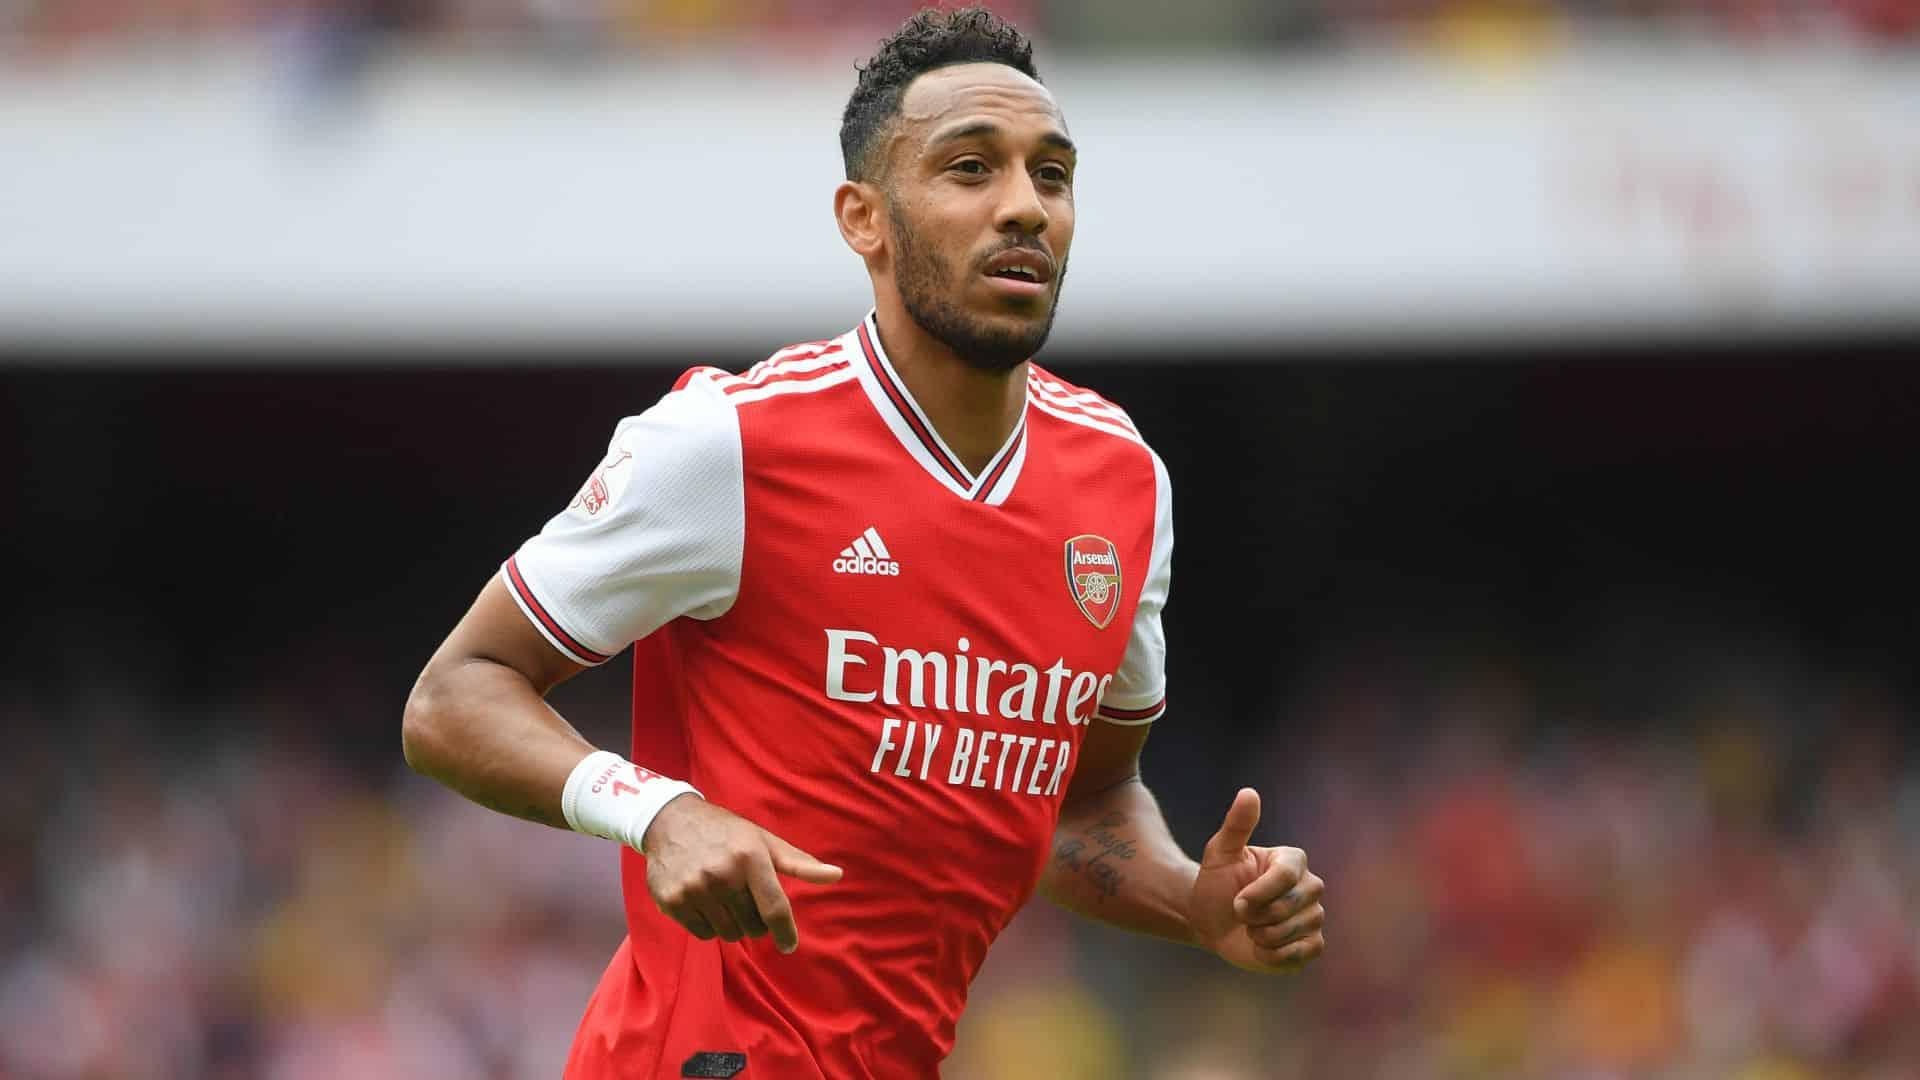 Arsenal's Aubameyang anytime scorer